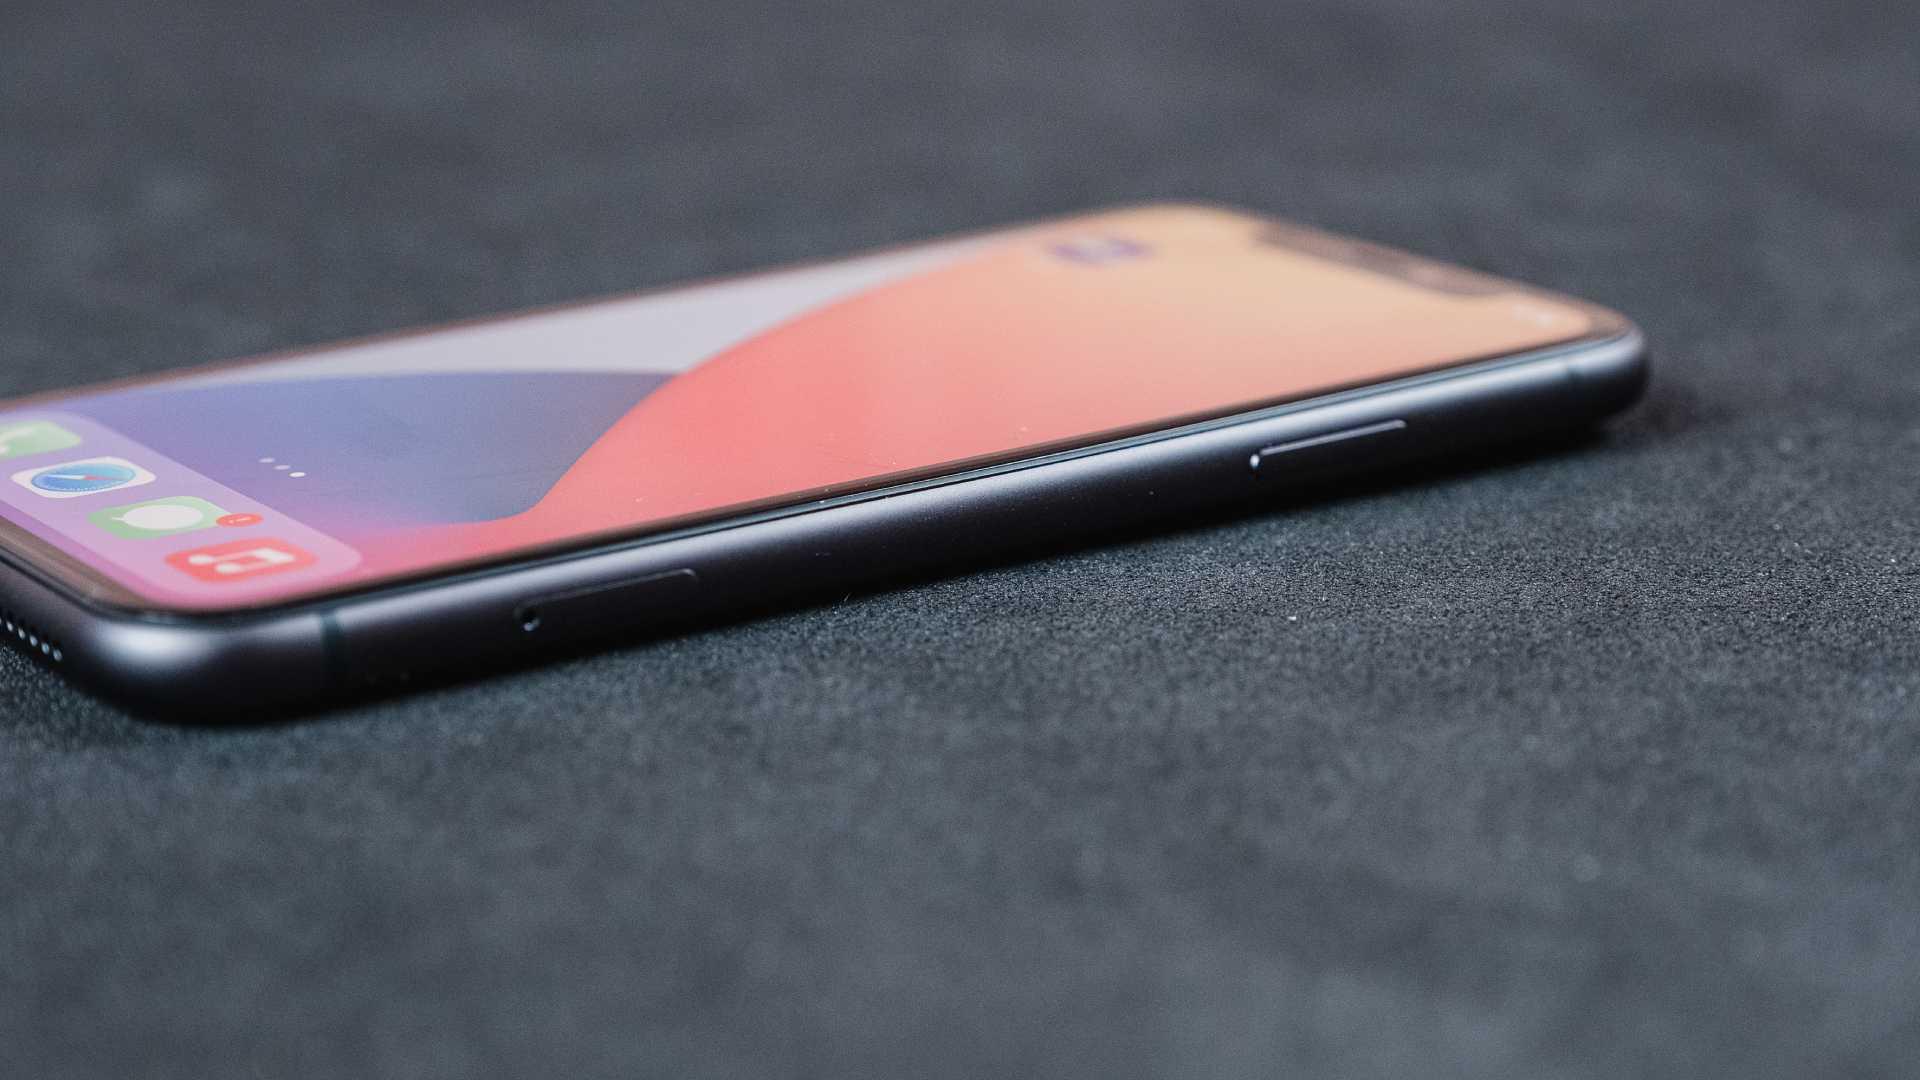 Detalhe da lateral direita do iPhone 11, com botão de bloqueio, em um fundo preto